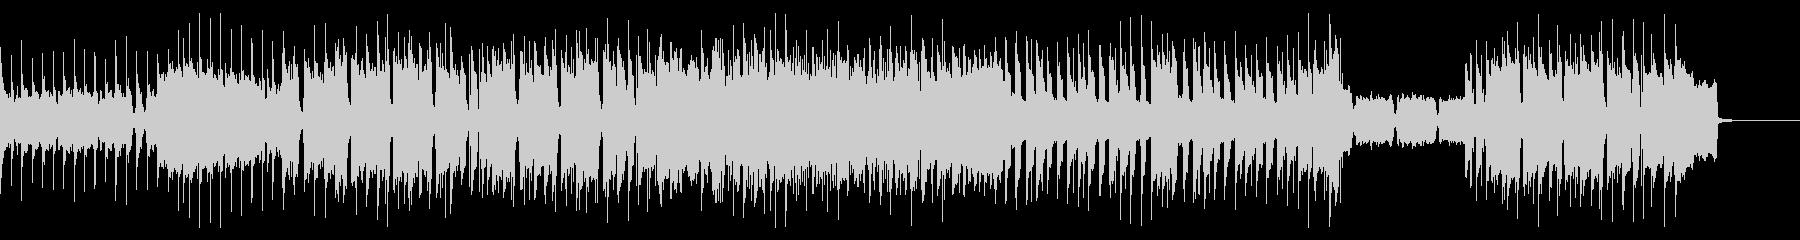 ザ・ロックなインスト(ギターソロ抜き)の未再生の波形